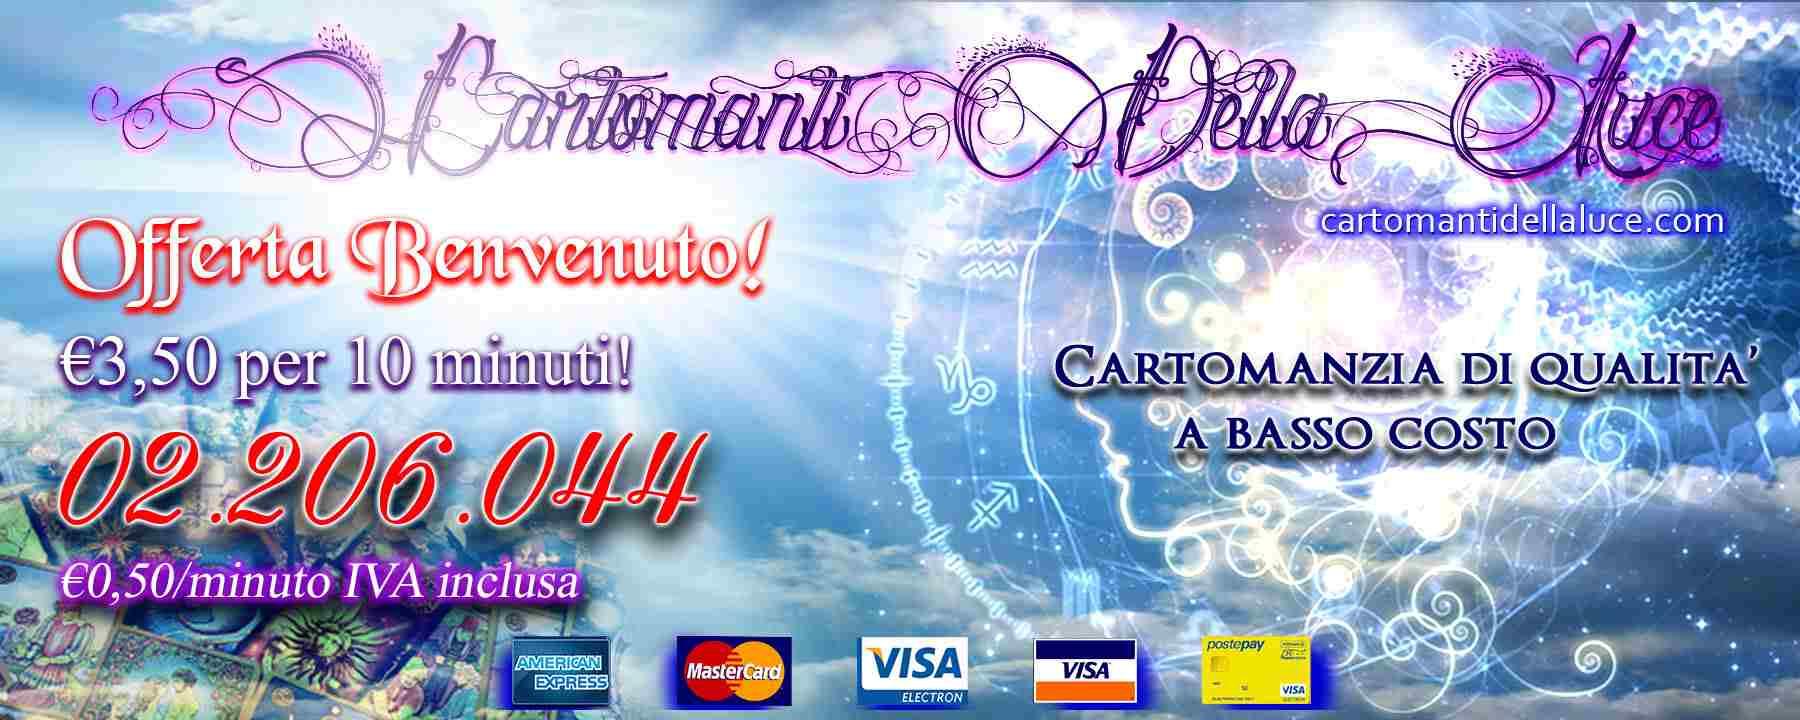 Oggetti A Basso Costo cartomanzia a basso costo ♥ da 0,19€ ♥899.661.646♥ cartomanti